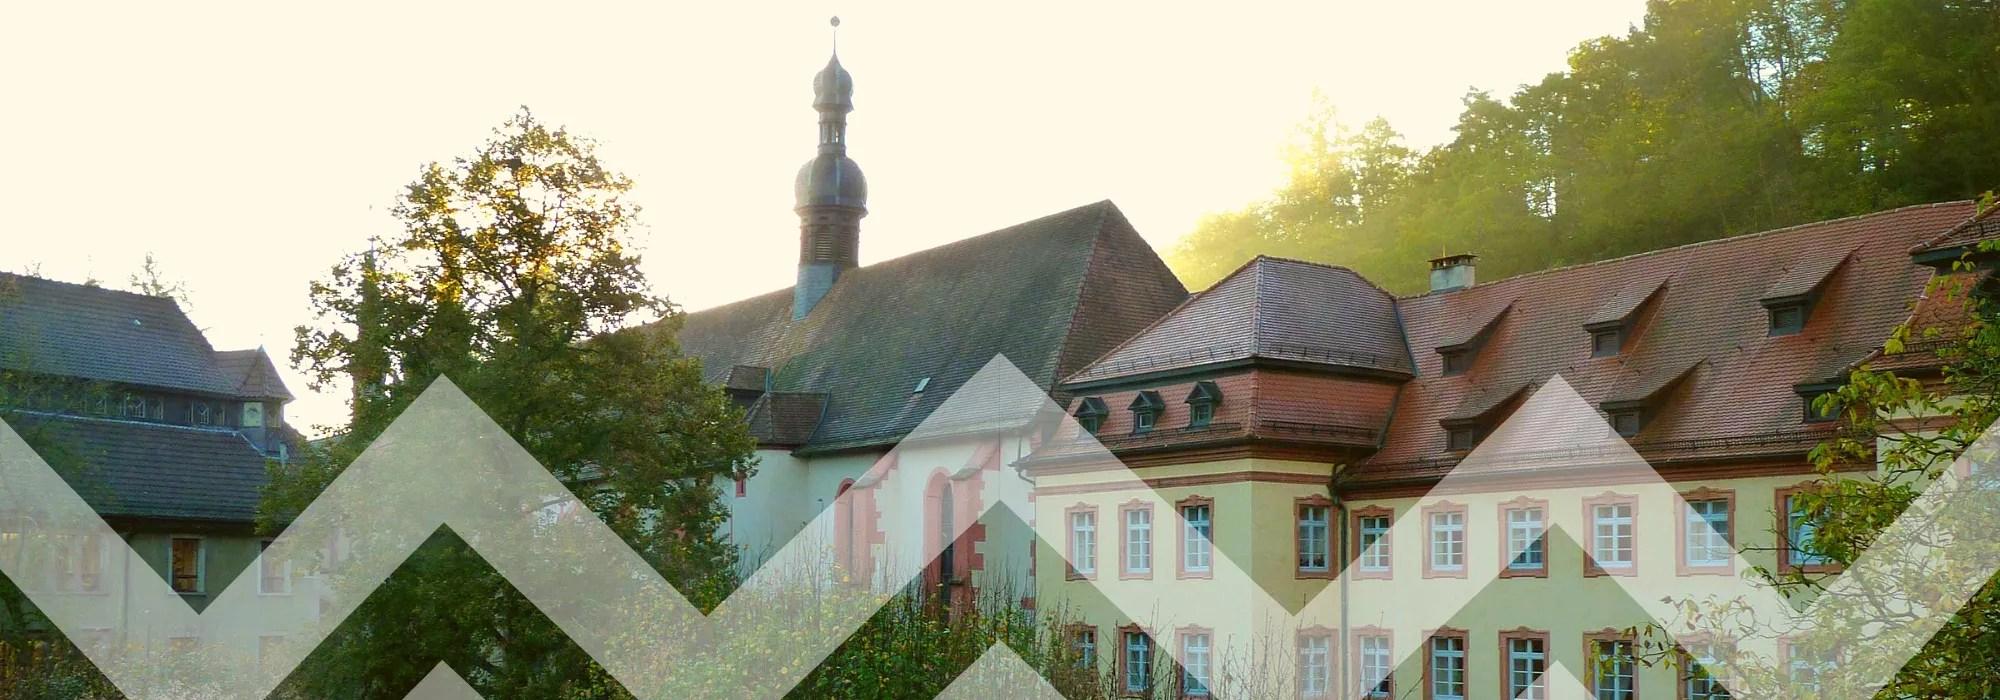 Frontalansicht des Klosters Lichtenthal